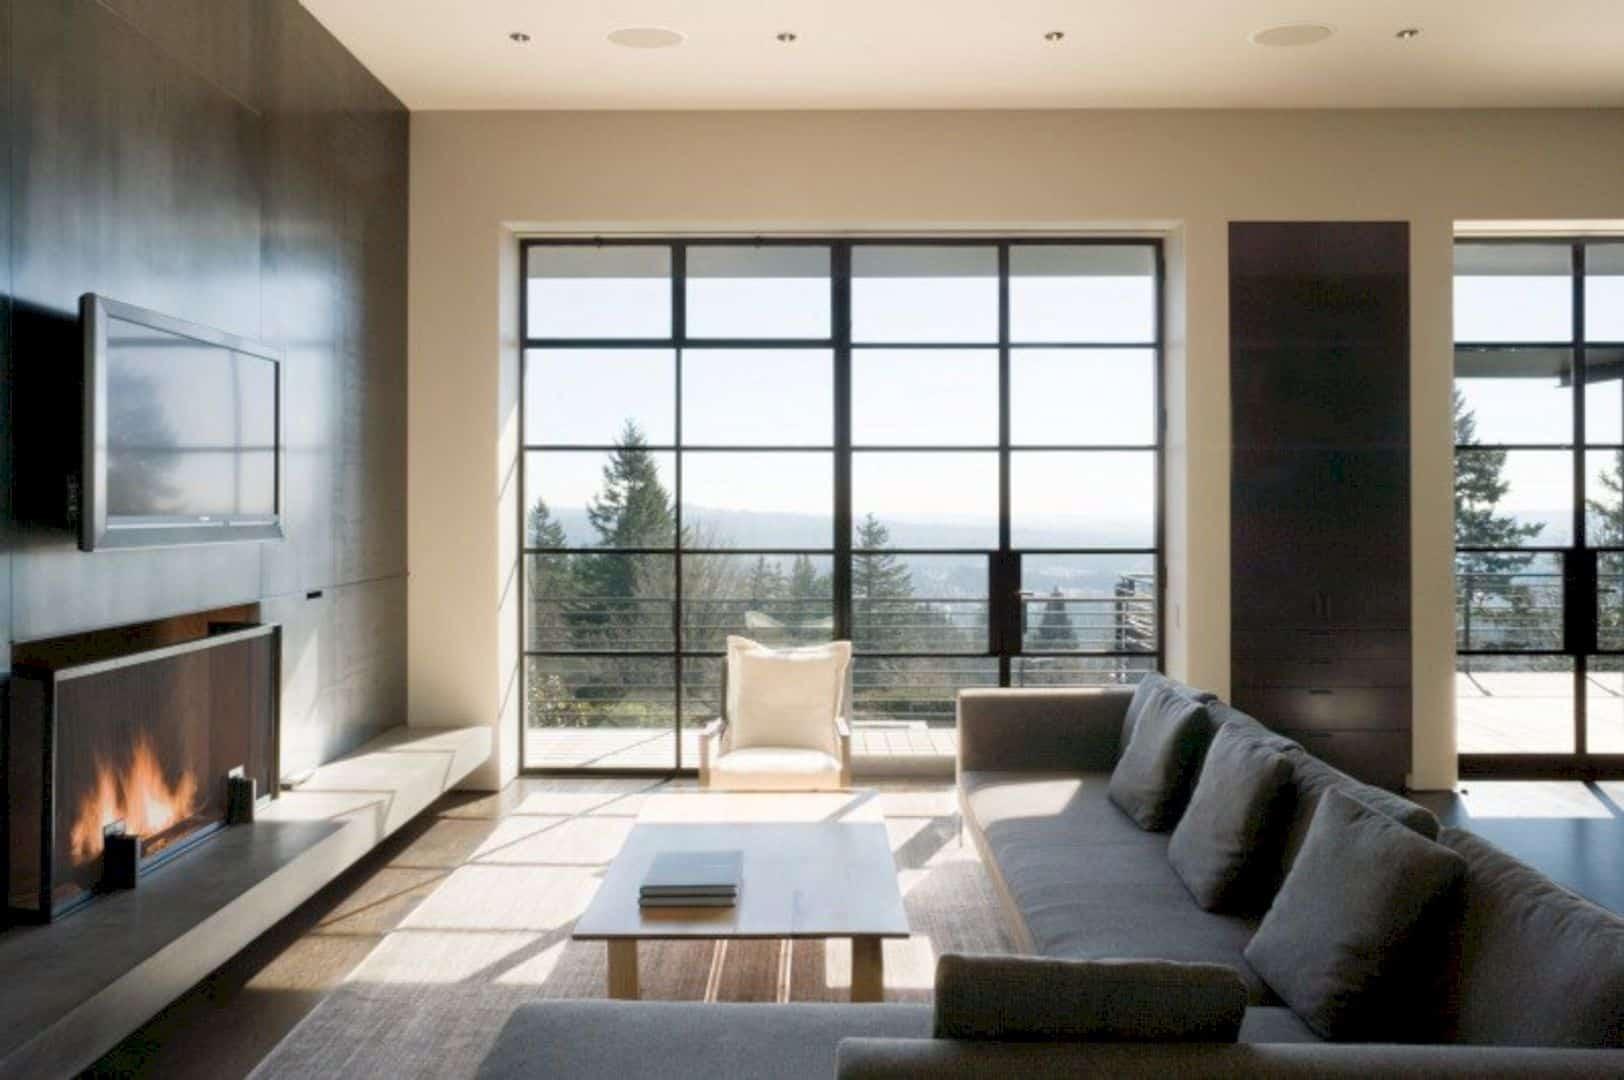 Portland Hilltop Interiors 3